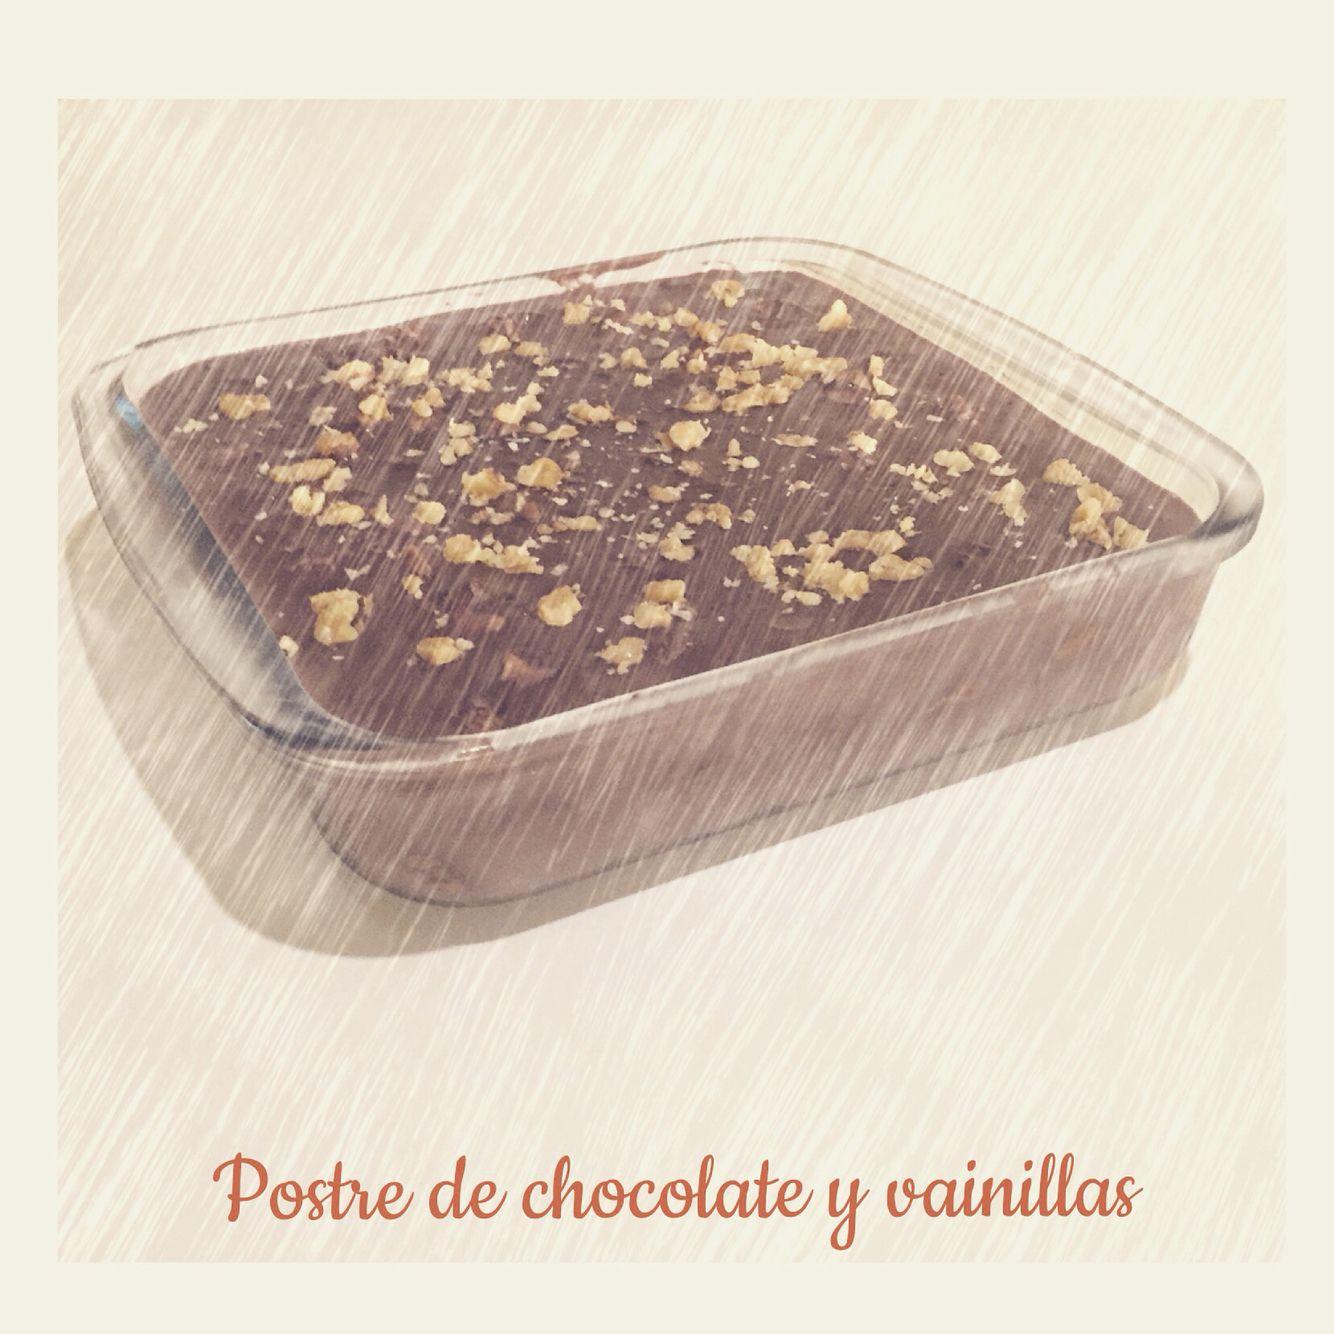 Postre de chocolate con vainillas  hecho por mi ❤️